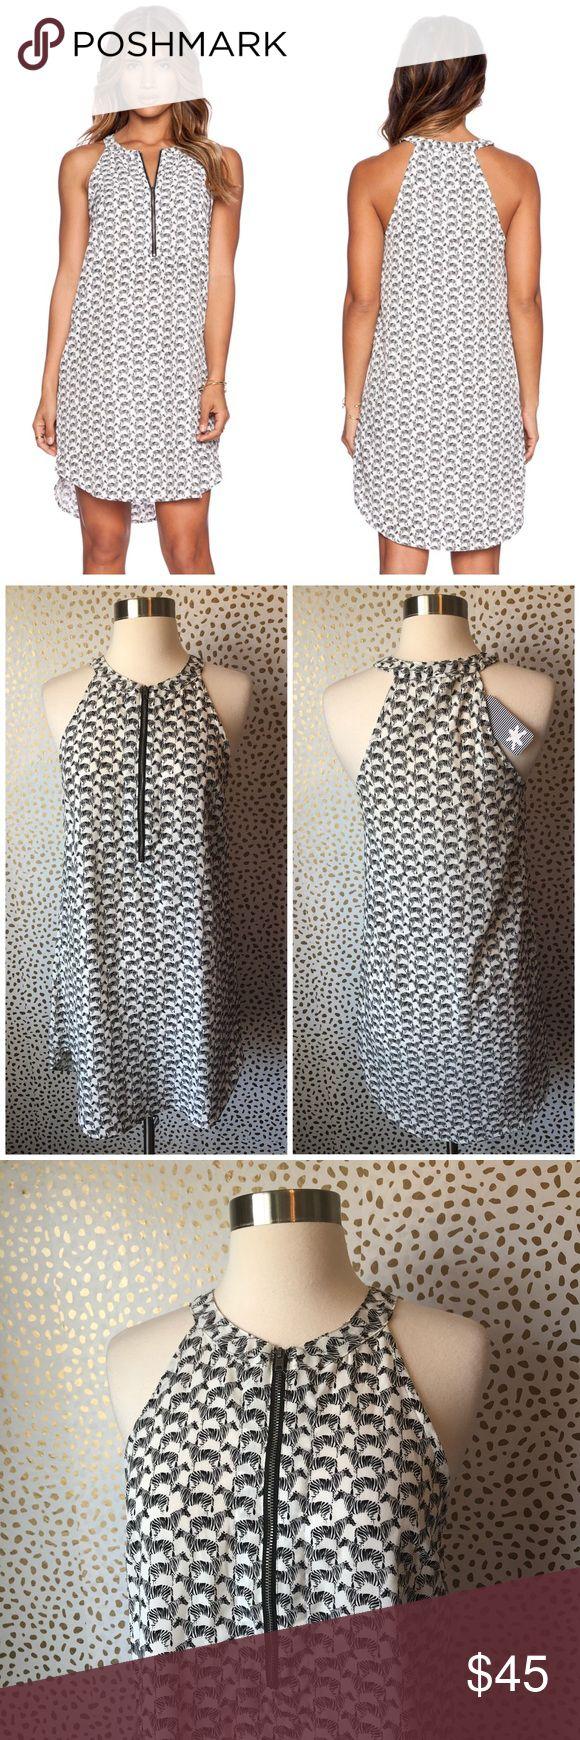 NWT Splendid Zebra Print Dress Brand new with tags! Super cute zip front detail. Size XS. Zebra print! $114 tags attached. No trades!! Splendid Dresses Mini